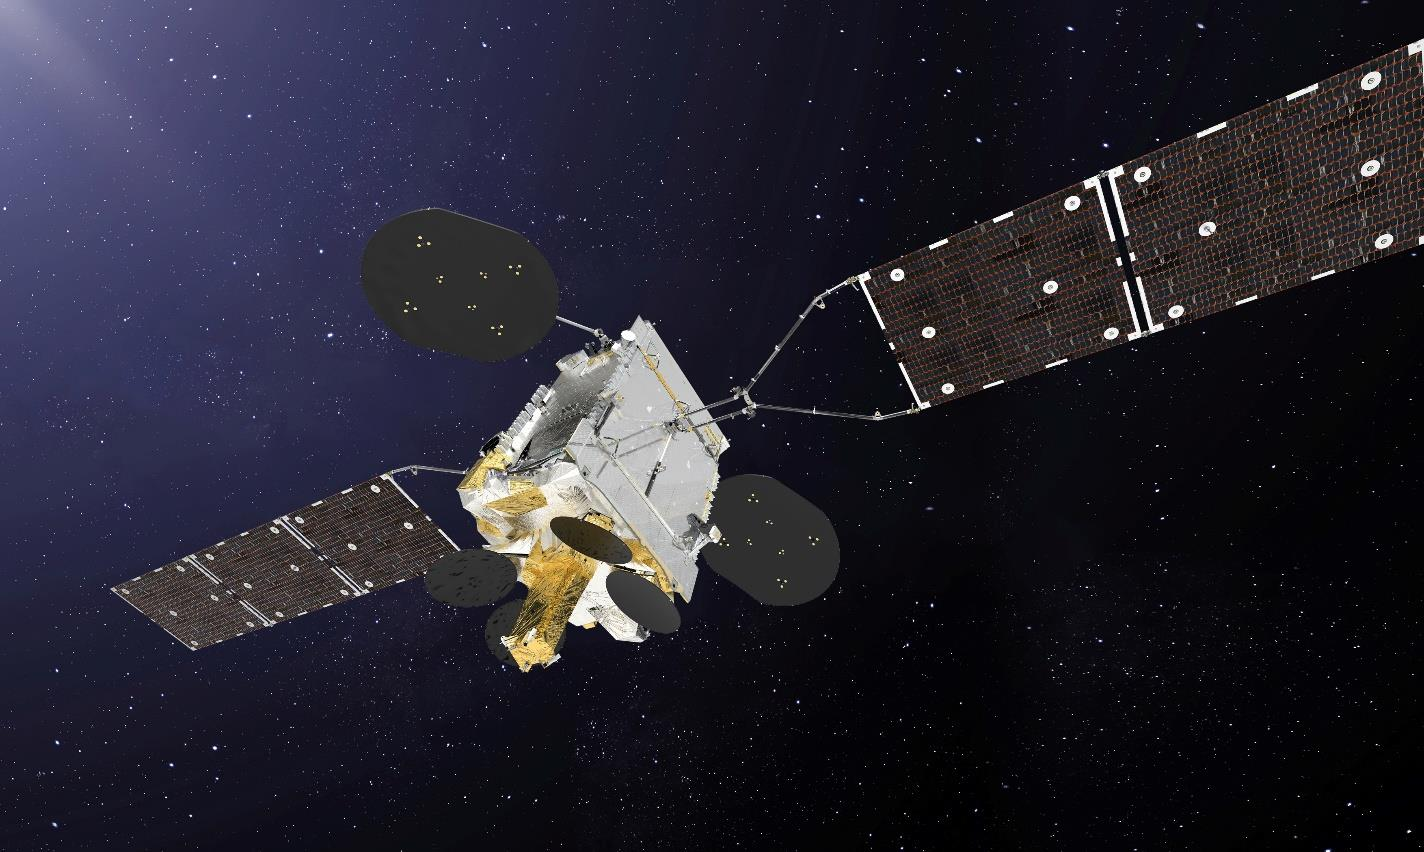 Artist's Rendering of Inmarsat GX5 satellite.